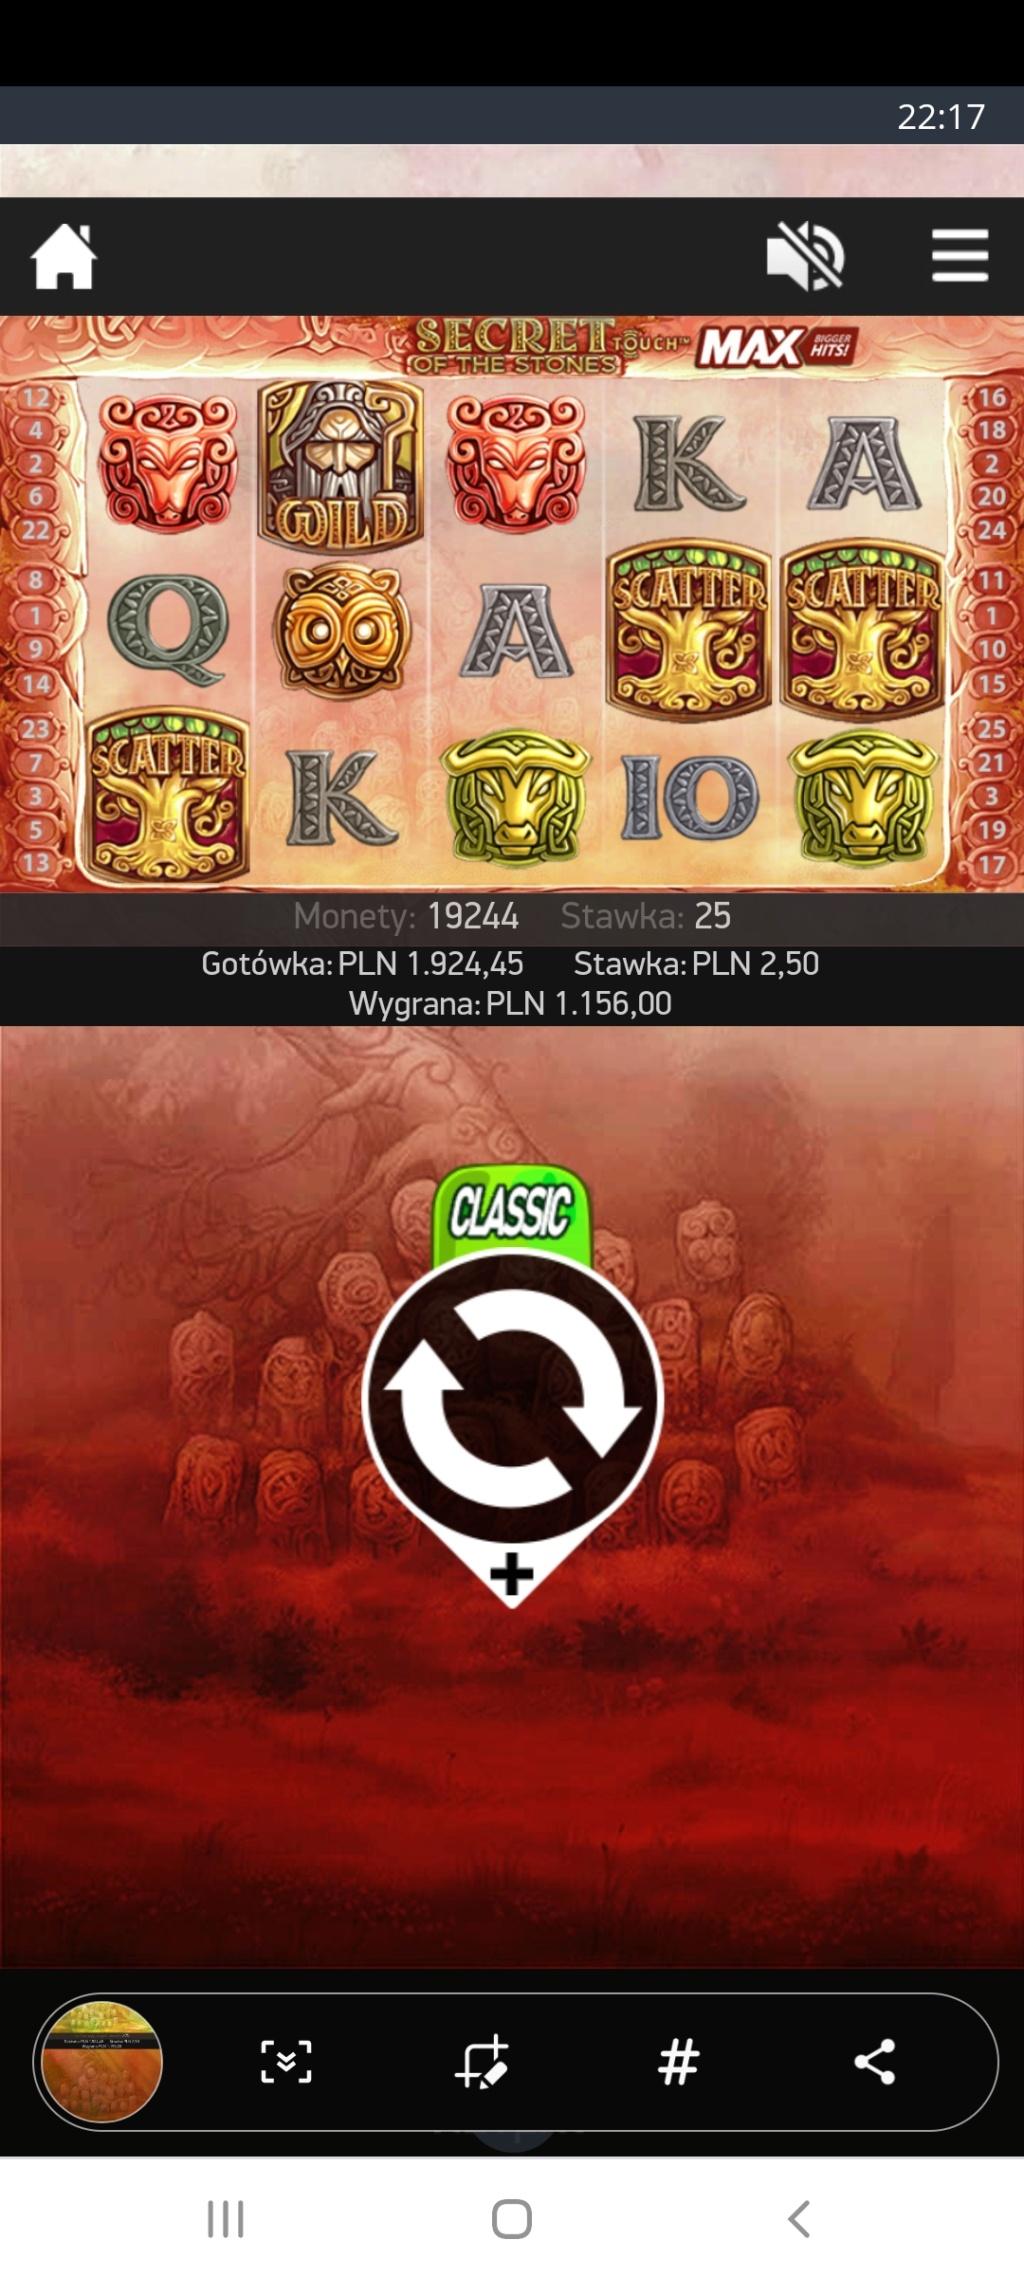 Screenshoty naszych wygranych (minimum 200zł - 50 euro) - kasyno - Page 19 Screen64